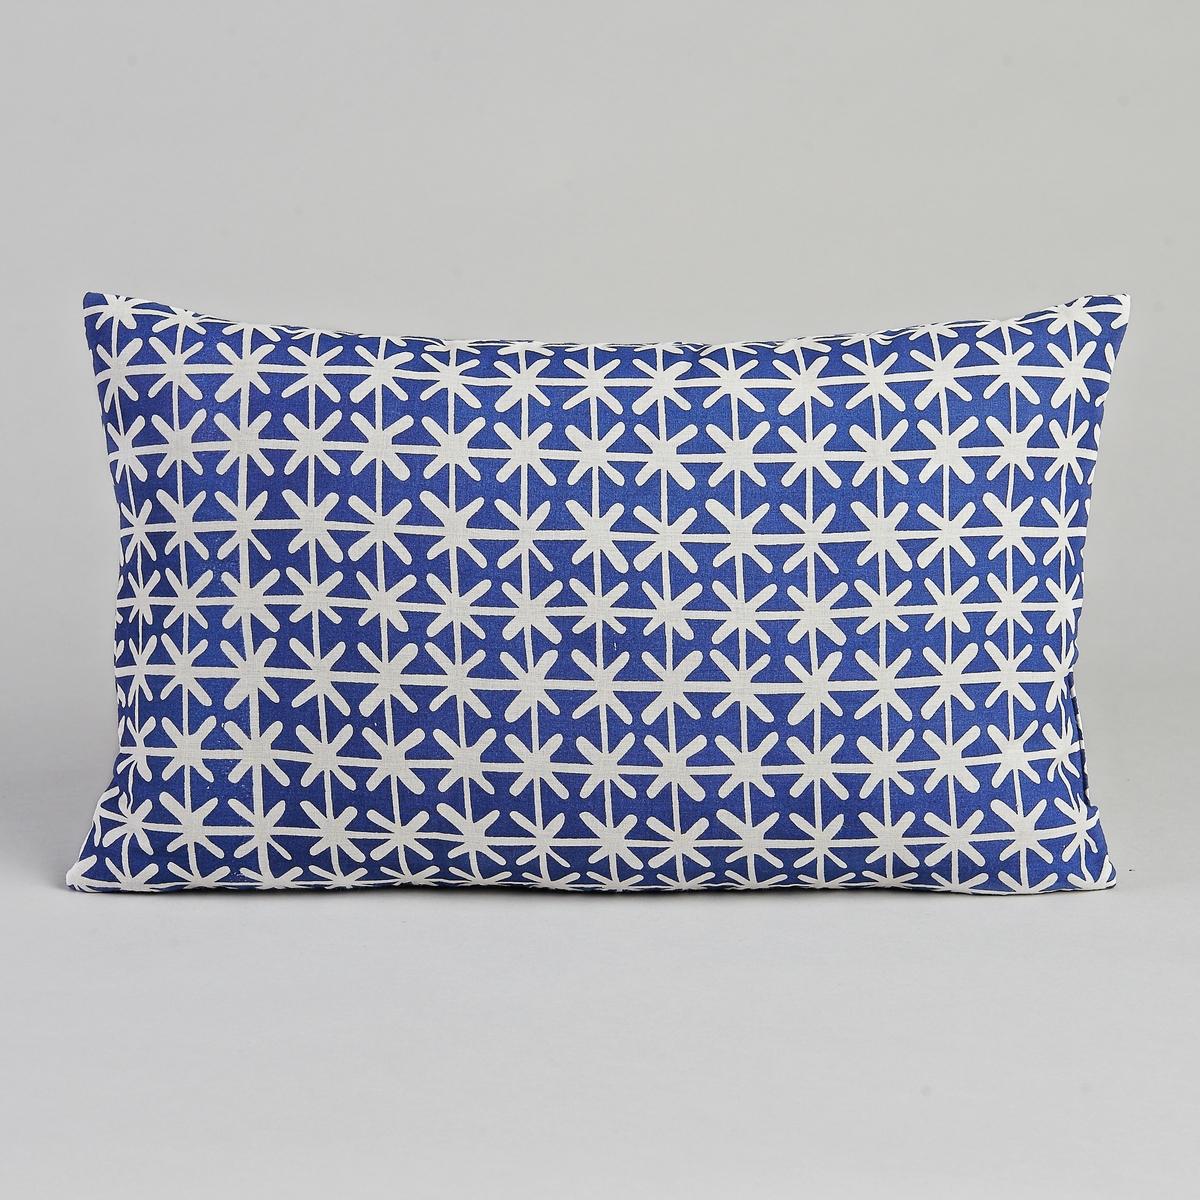 Чехол для подушки JumagЧехол для подушки Jumag. Белый рисунок на синем фоне. Застёжка на скрытую молнию сзади. Хлопковая вуаль с рисунком, подкладка из 100% хлопка. Размер : 50 x 30 см.<br><br>Цвет: синий